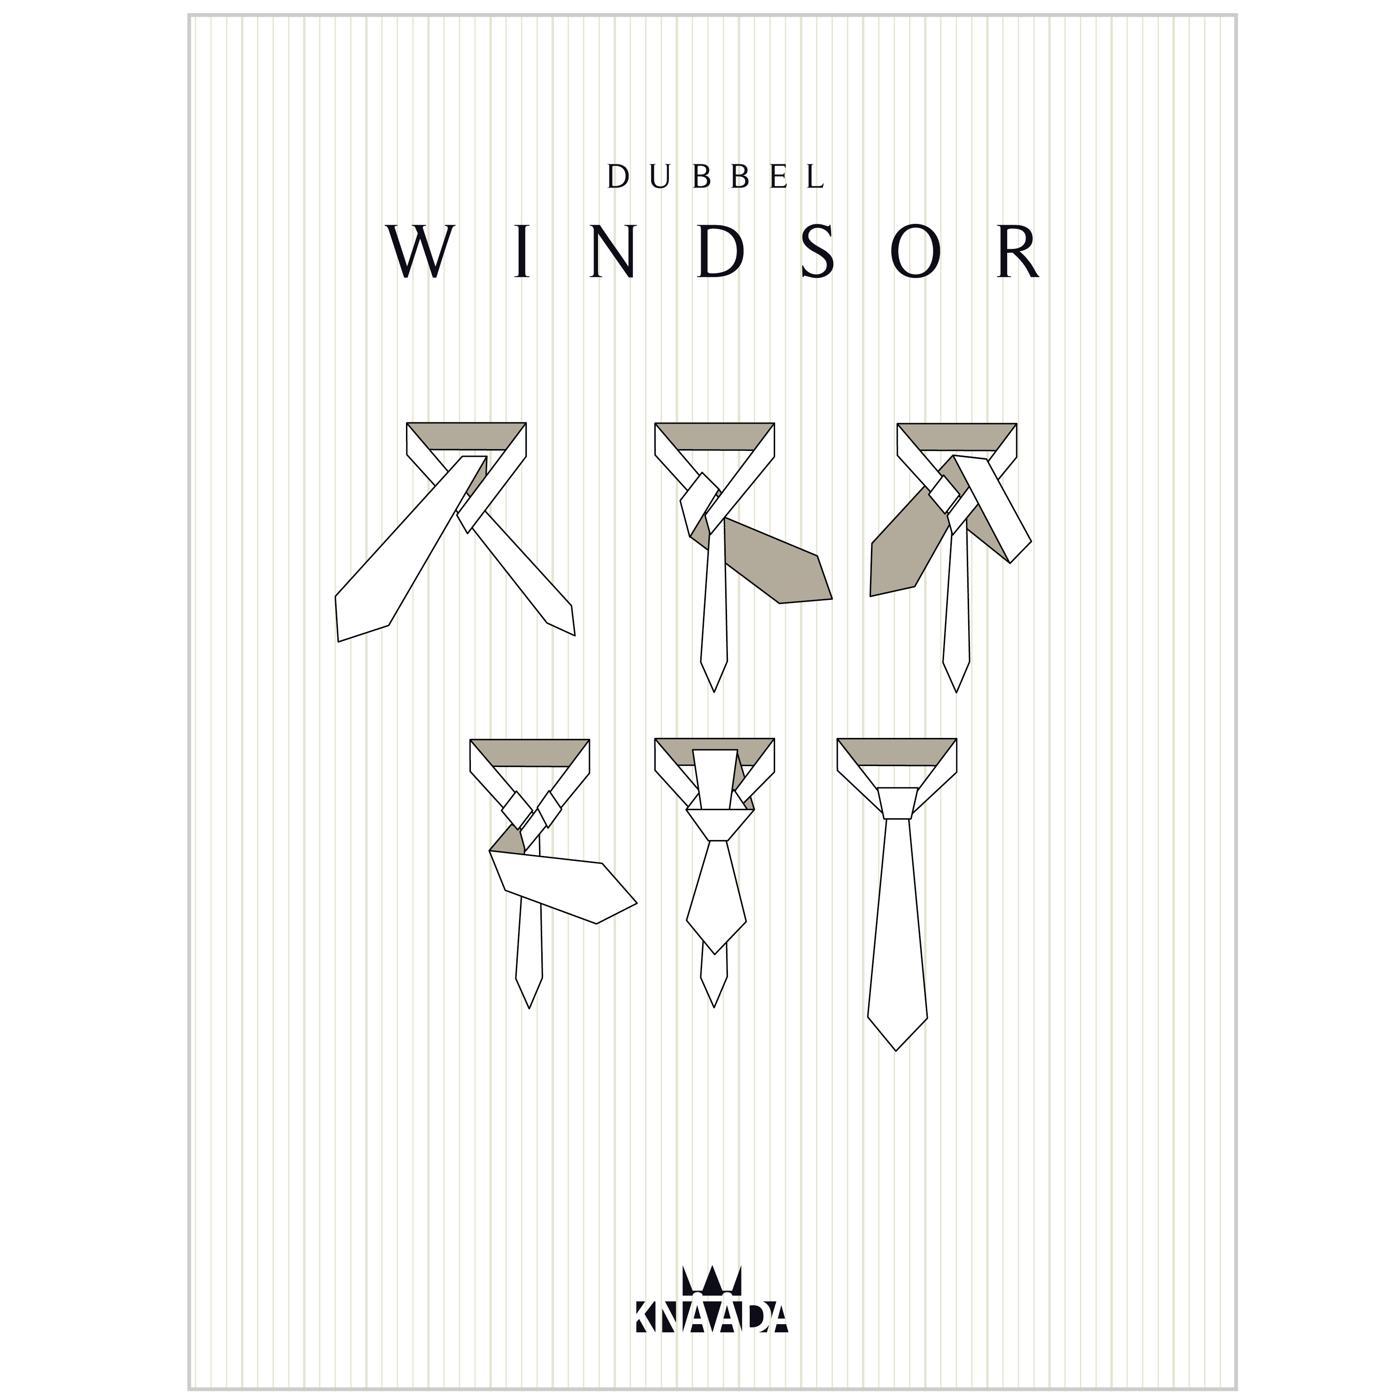 Instruktion Dubbel Windsor